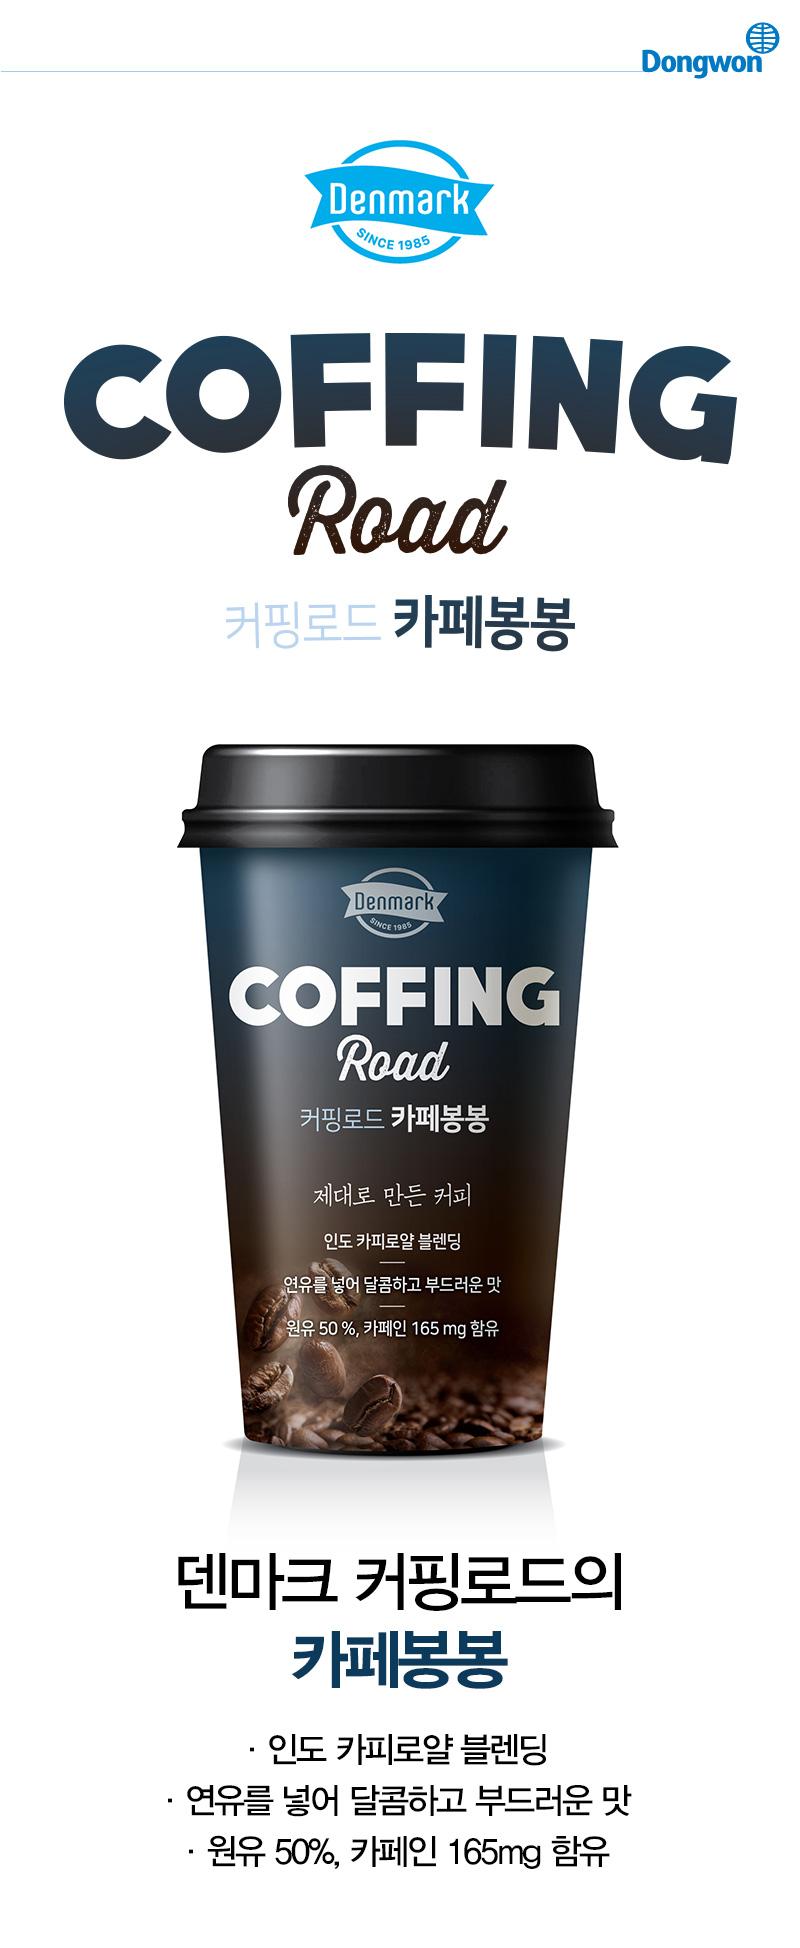 COFFING Road 커핑로드 카페봉봉 덴마크 커핑로드의 카페봉봉 ·인도 카피로얄 블렌딩 ·연유를 넣어 달콤하고 부드러운 맛 ·원유 50%, 카페인 165mg 함유